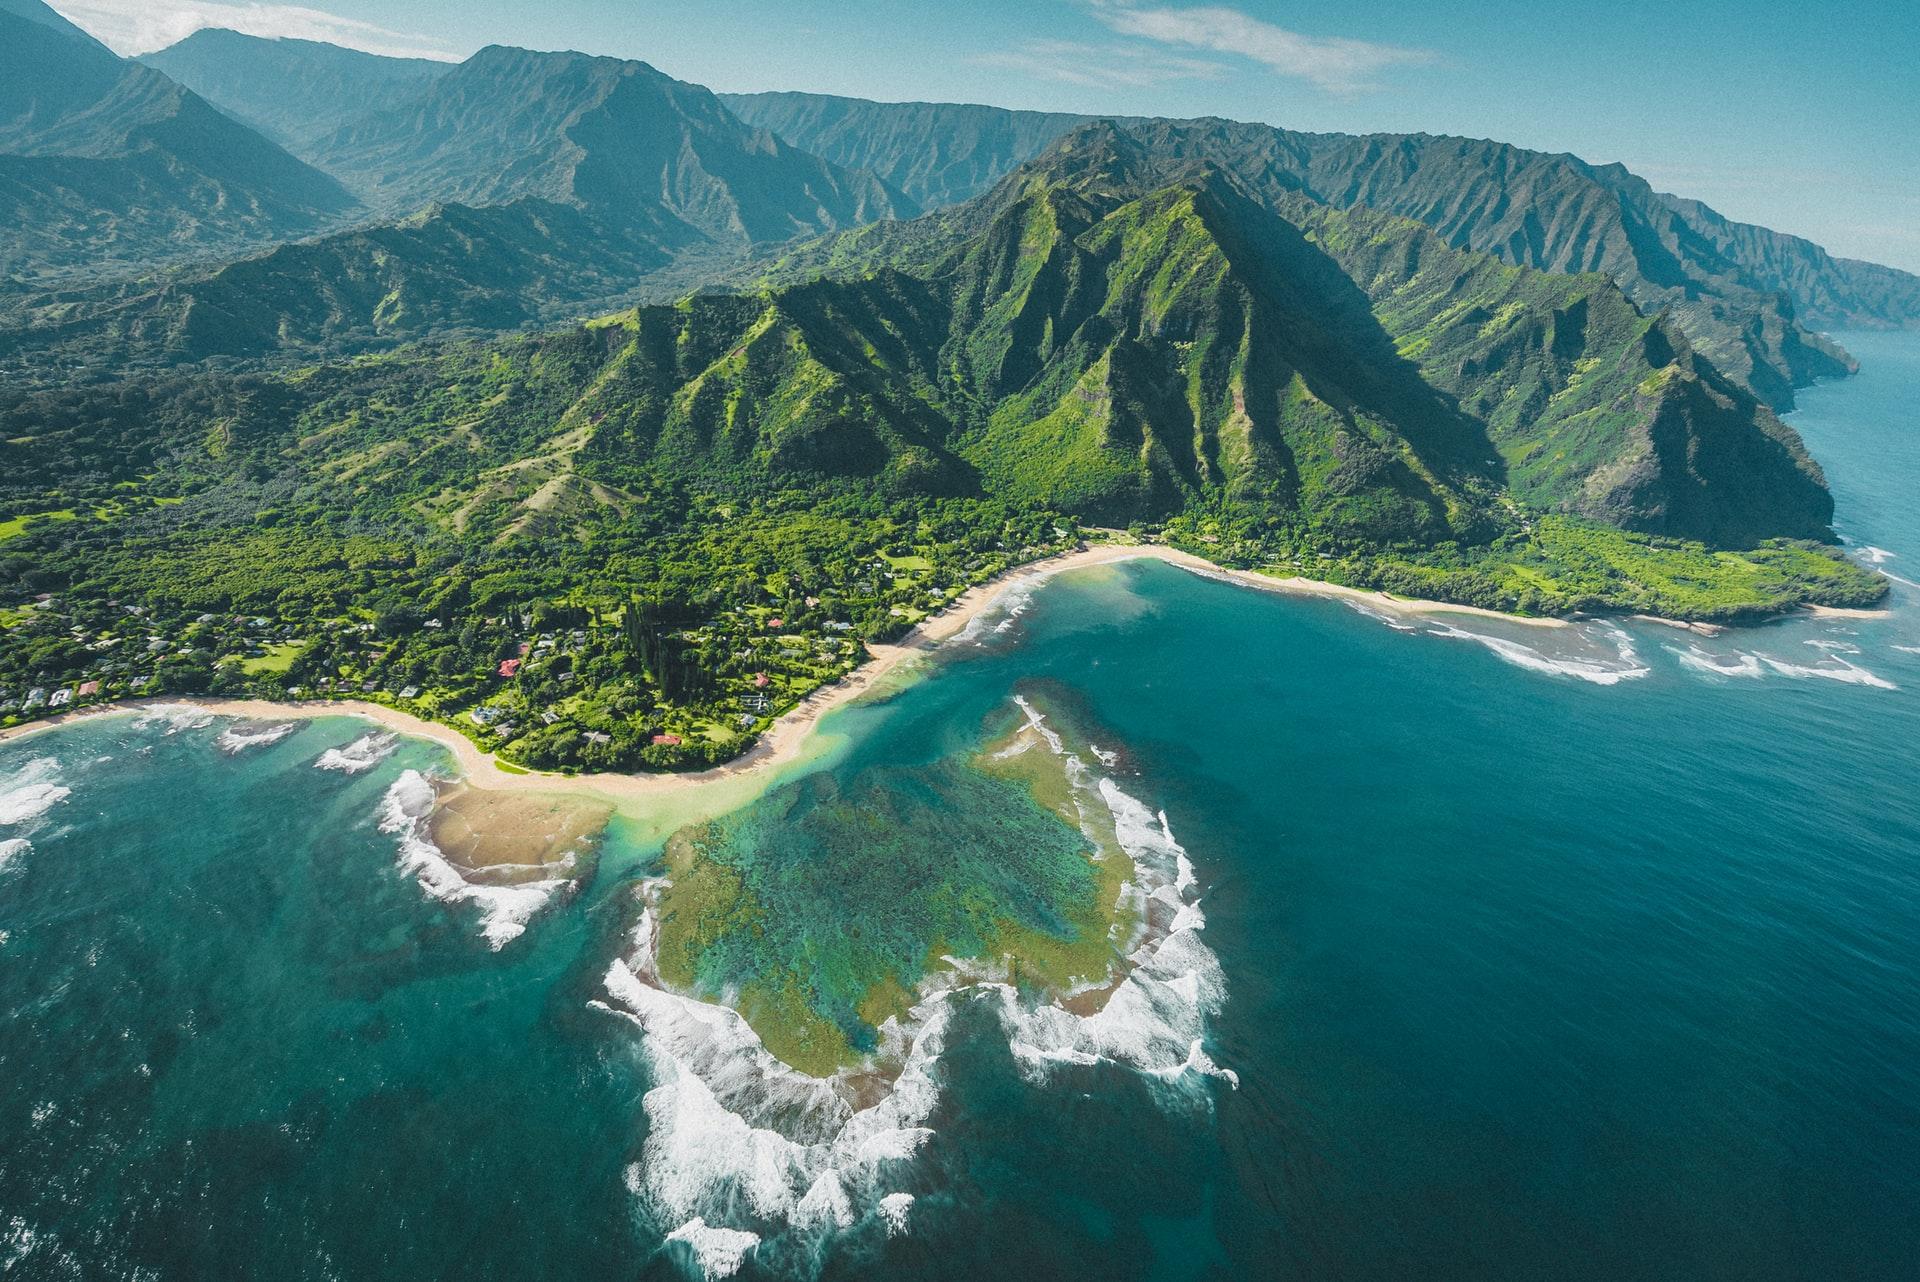 Kauai, Hawaii (photo: Karsten Winegeart)